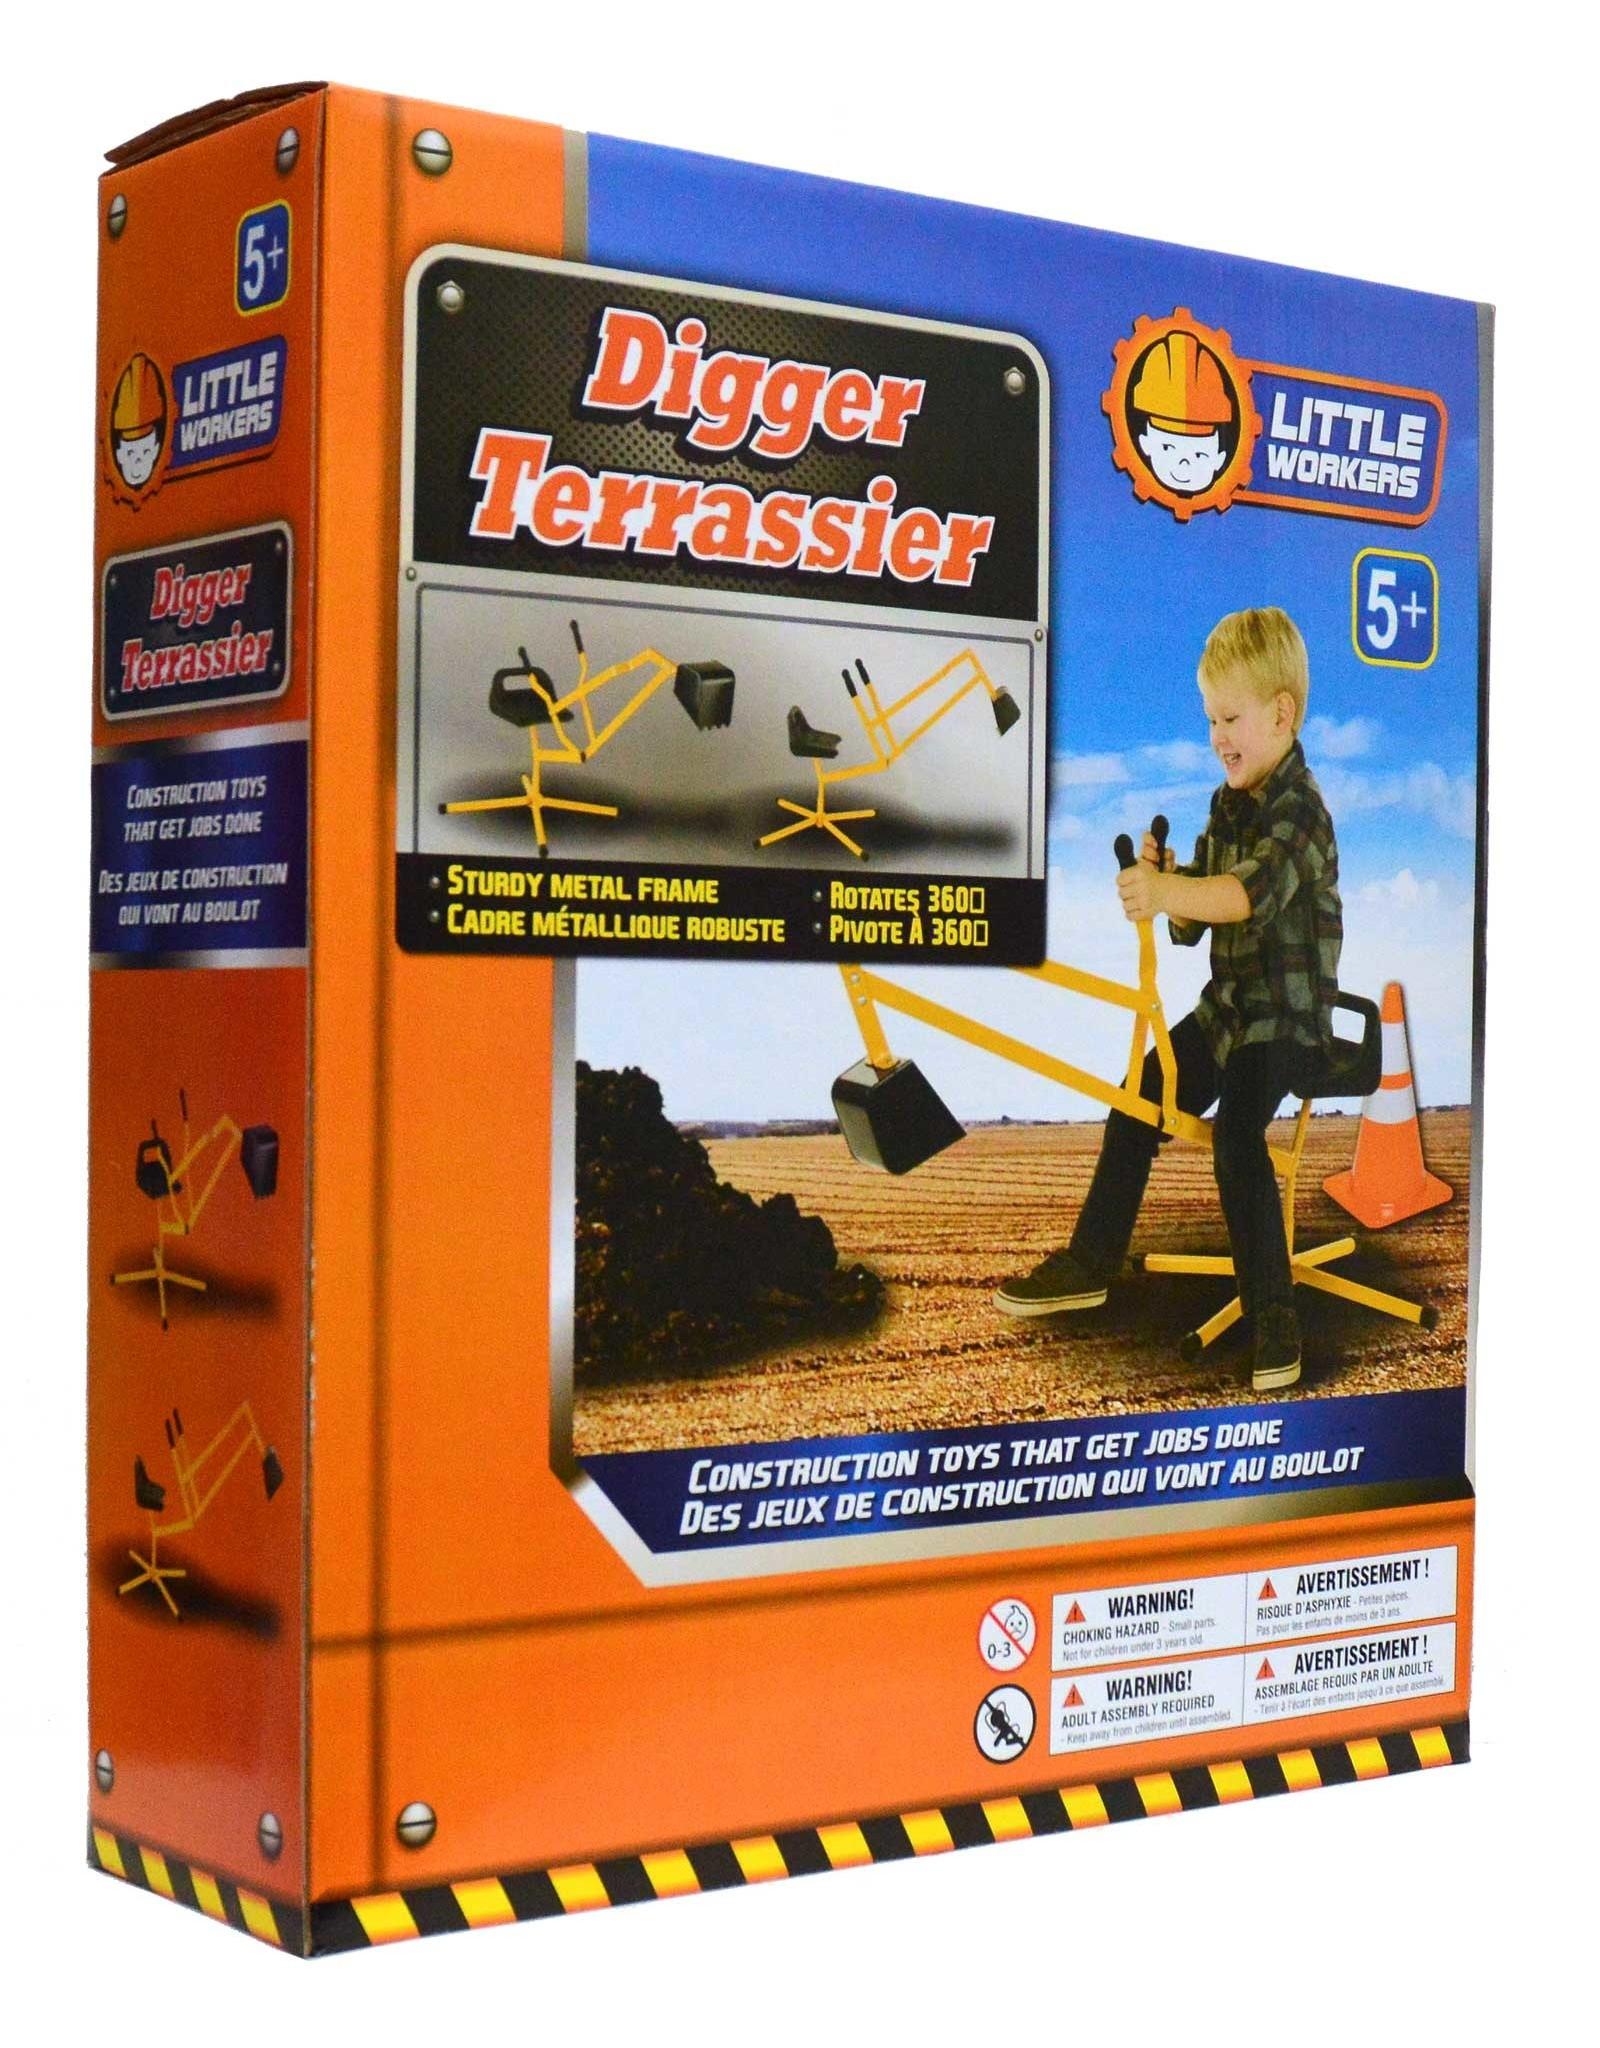 Plasmart Little Workers® Digger